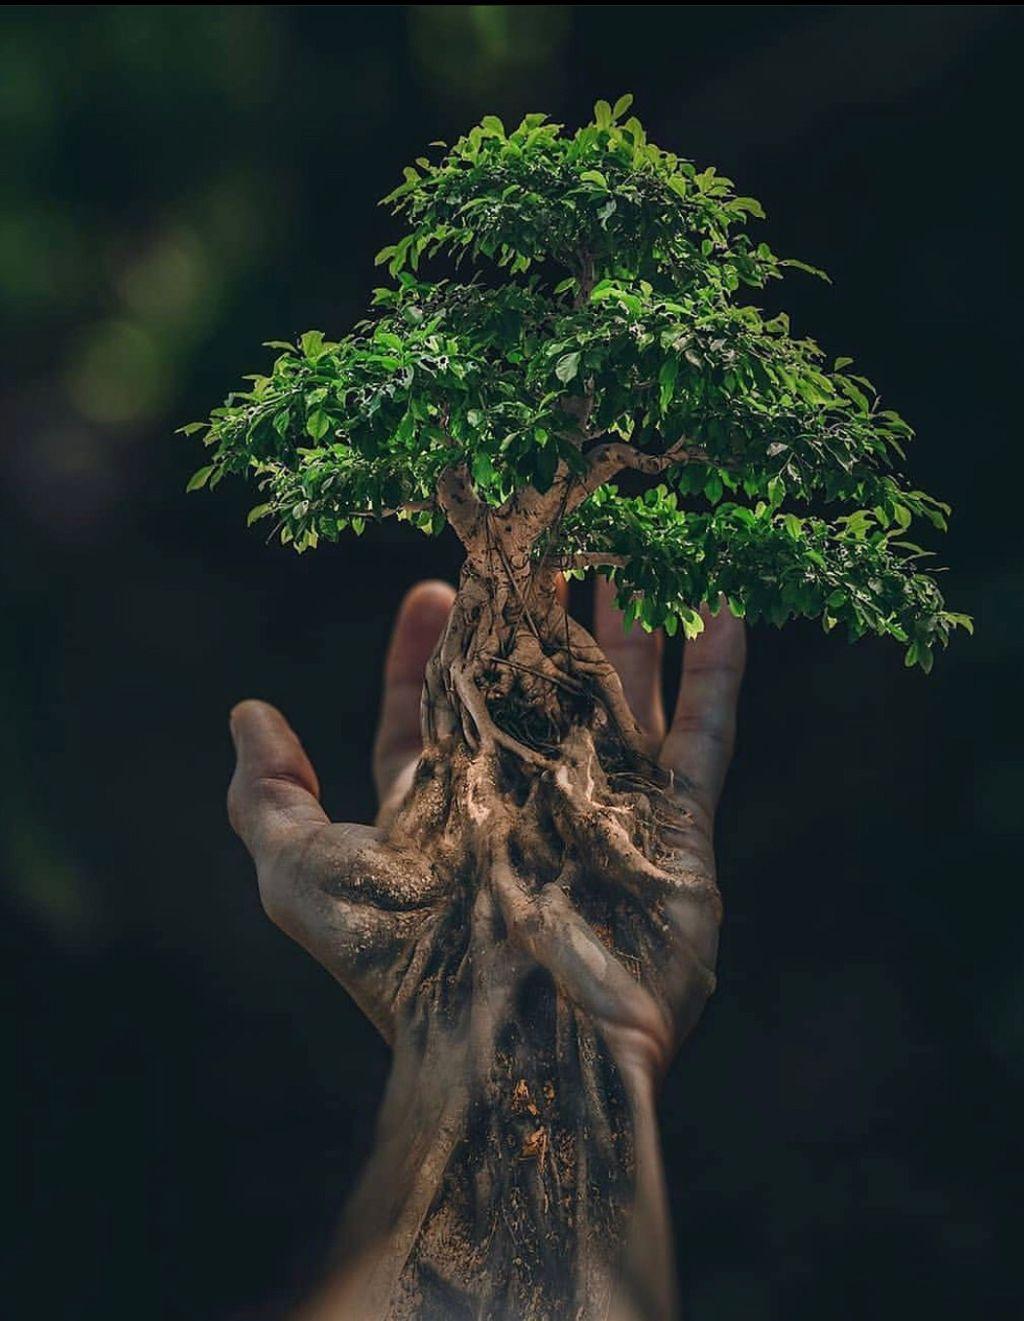 #treeoflife #surreal #treeart